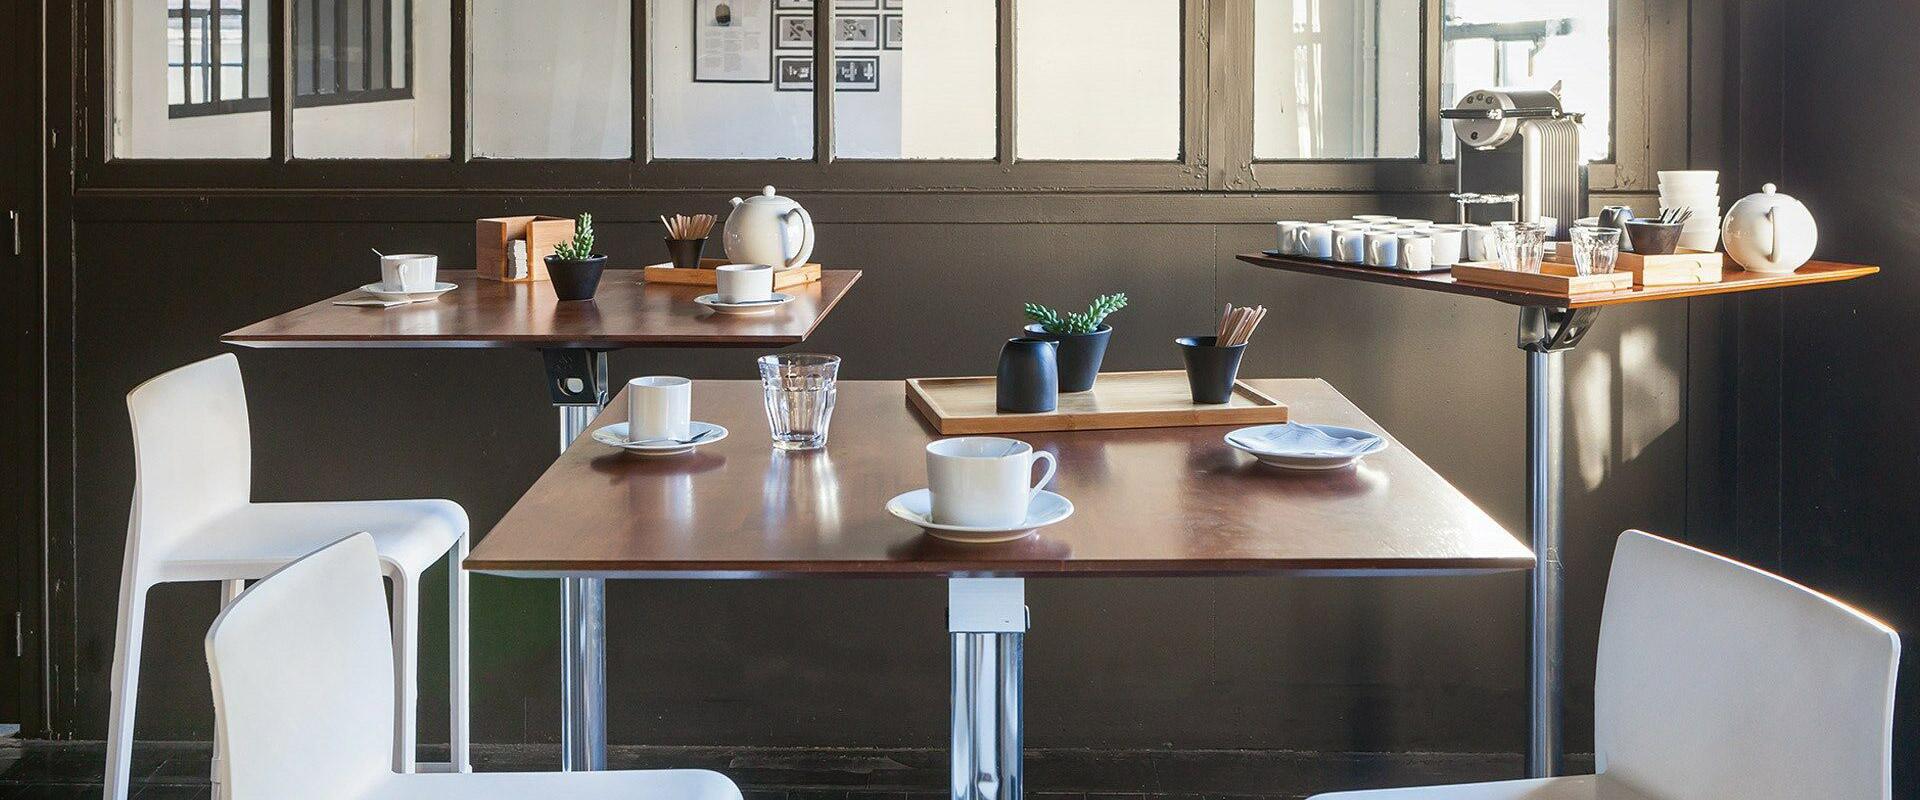 Table Centrale De Cuisine location de matériel pour réceptions et événements